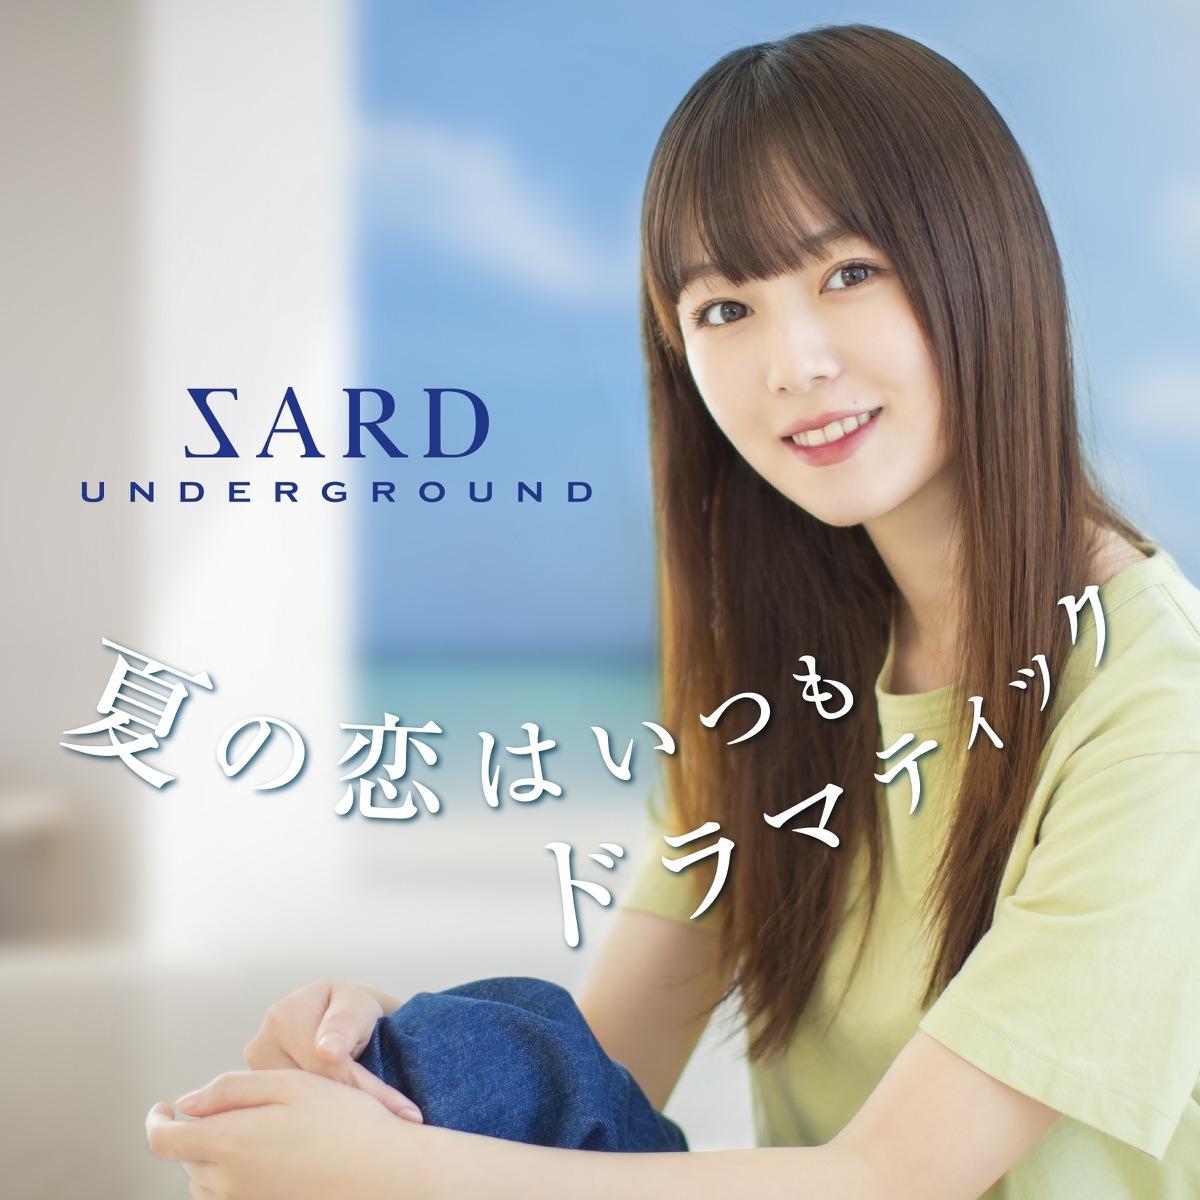 『SARD UNDERGROUND - 夏の恋はいつもドラマティック』収録の『夏の恋はいつもドラマティック』ジャケット